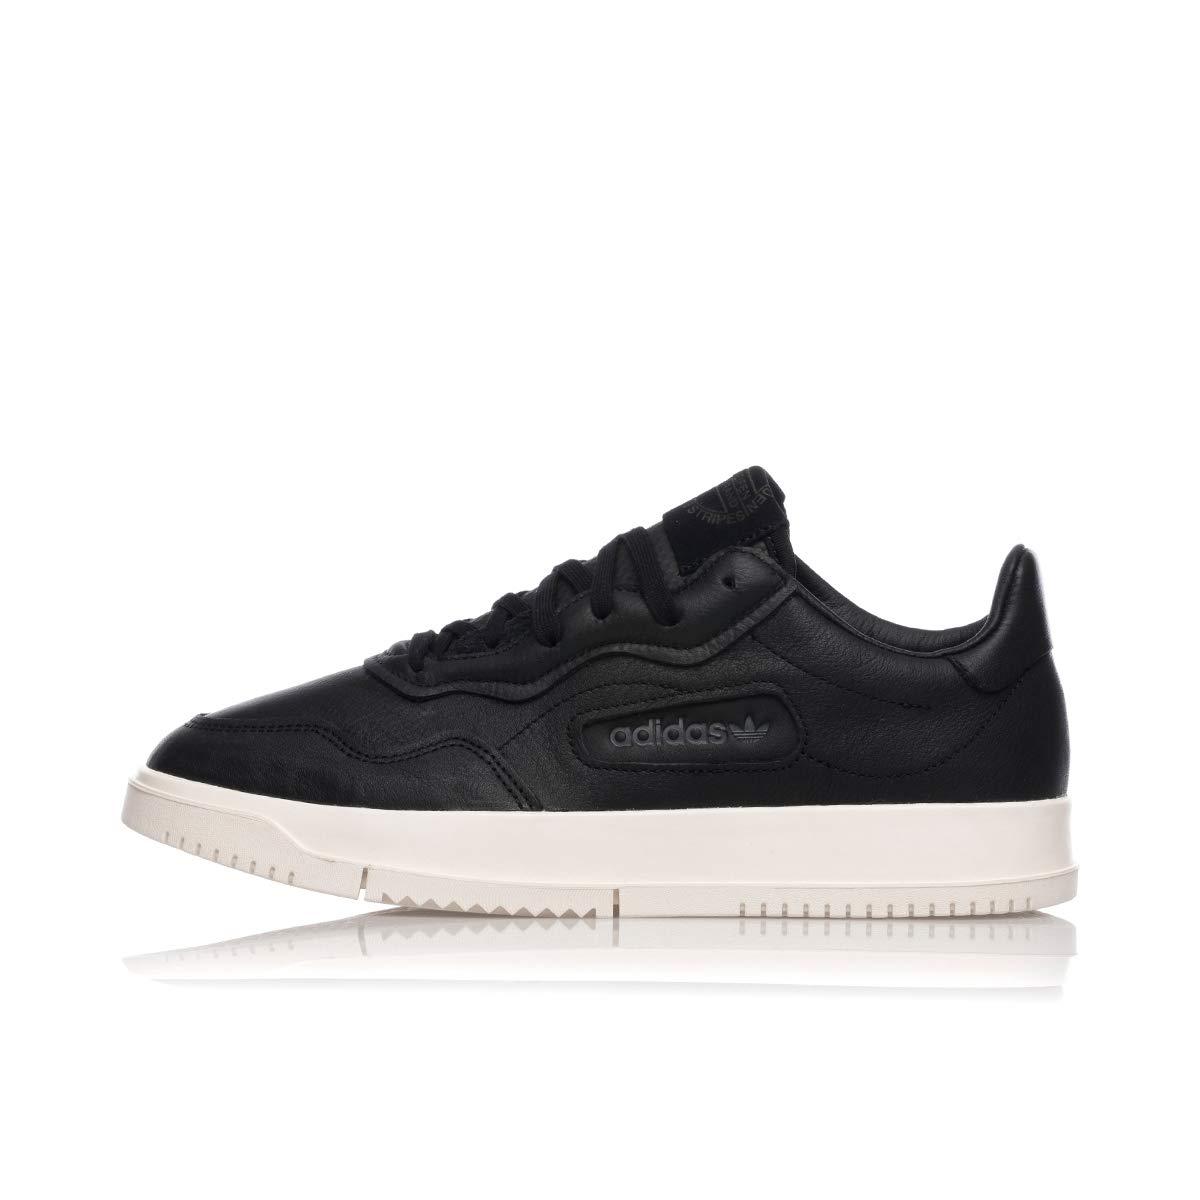 Acquista Adidas SC Premiere BD7869 Core Black Chalk White Cloud White Sneakers Premium Uomo (US 8 - Black) miglior prezzo offerta